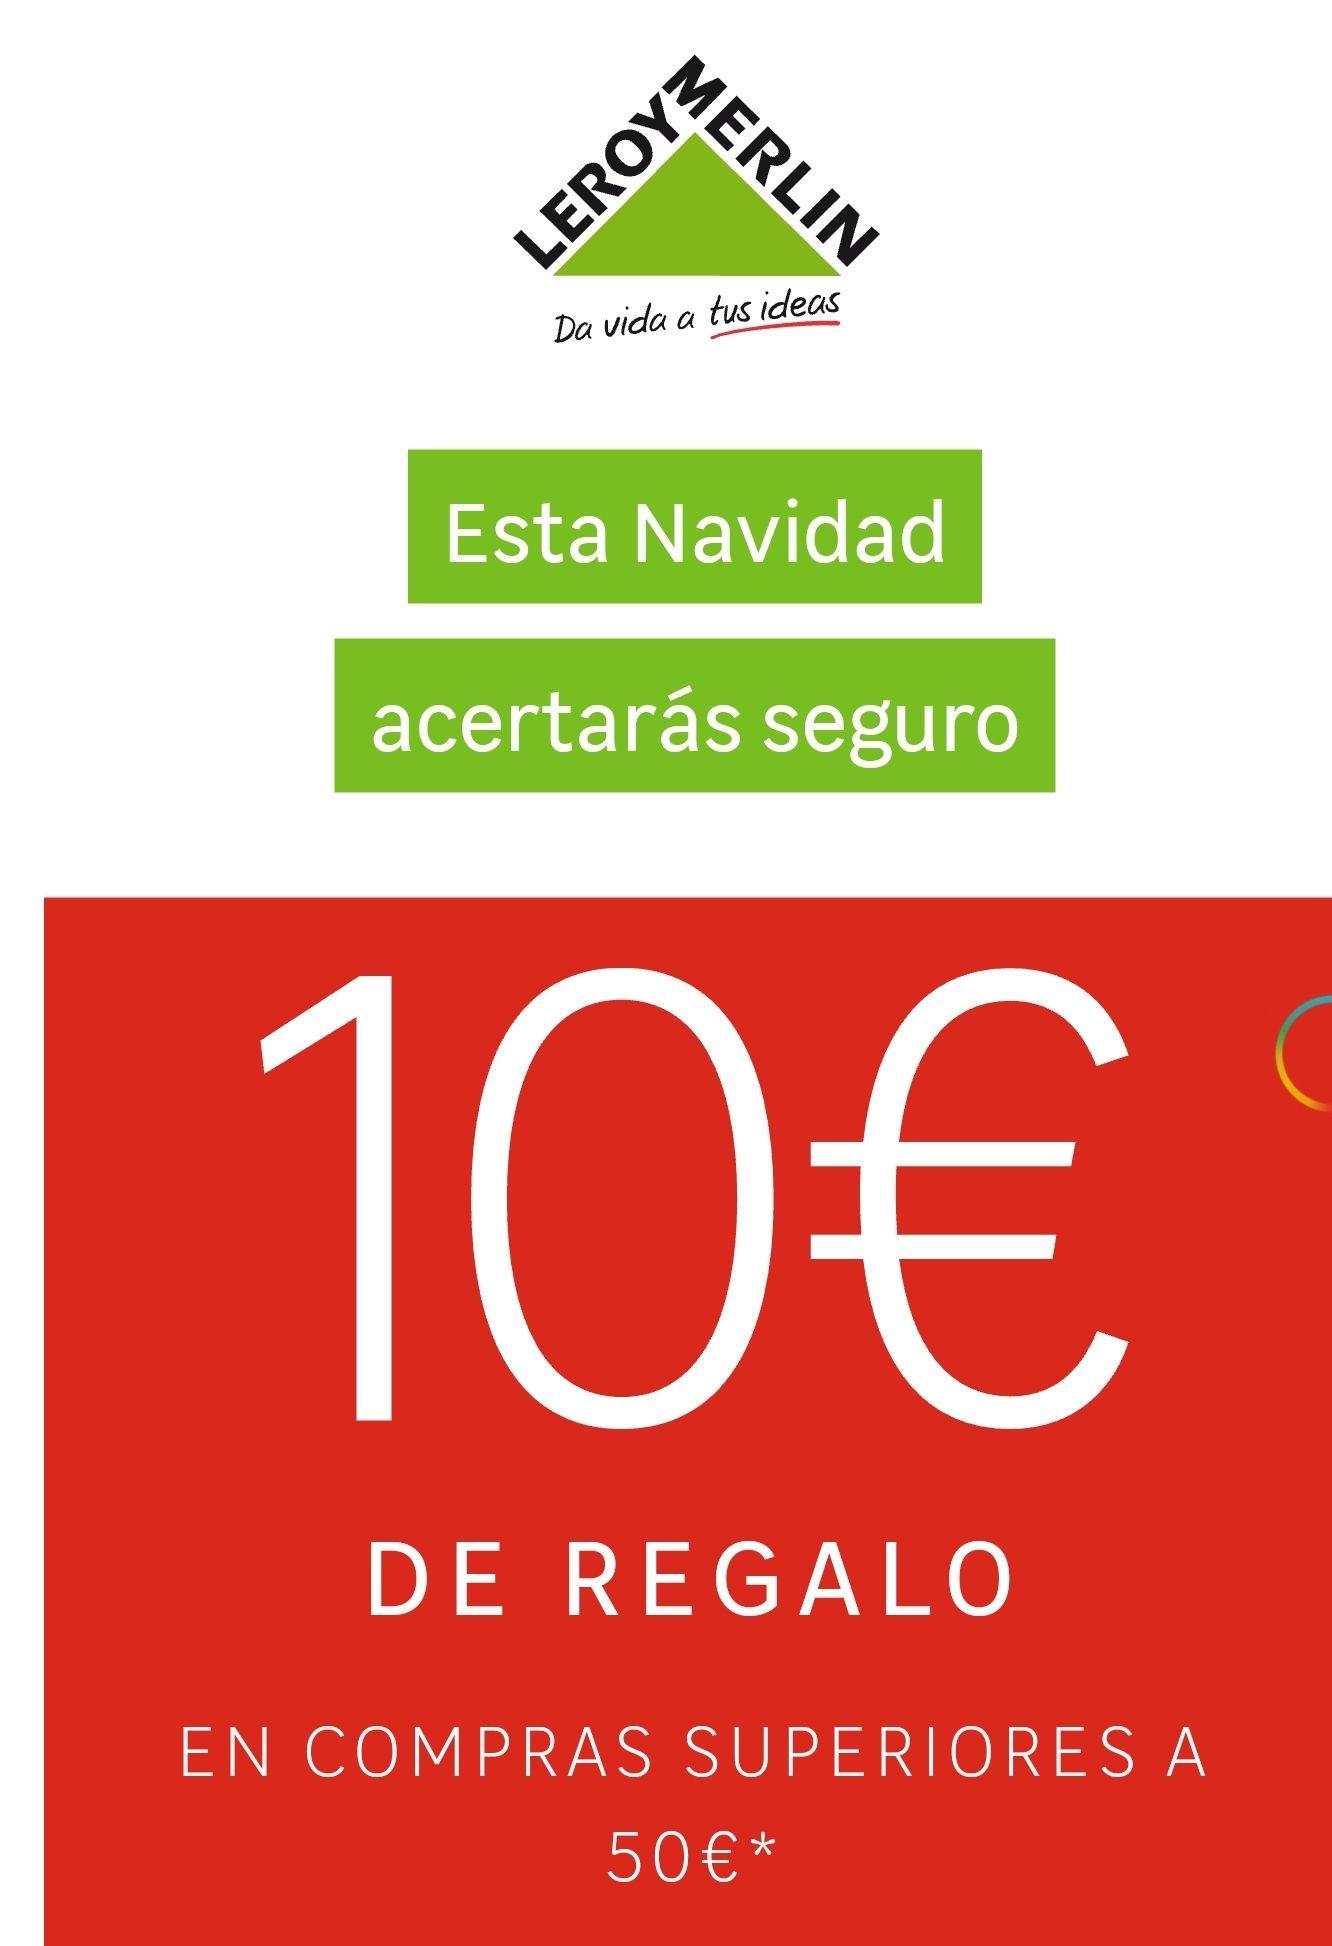 Leroy Merlín. 10€ de descuento para socios con compra mínima de 50€